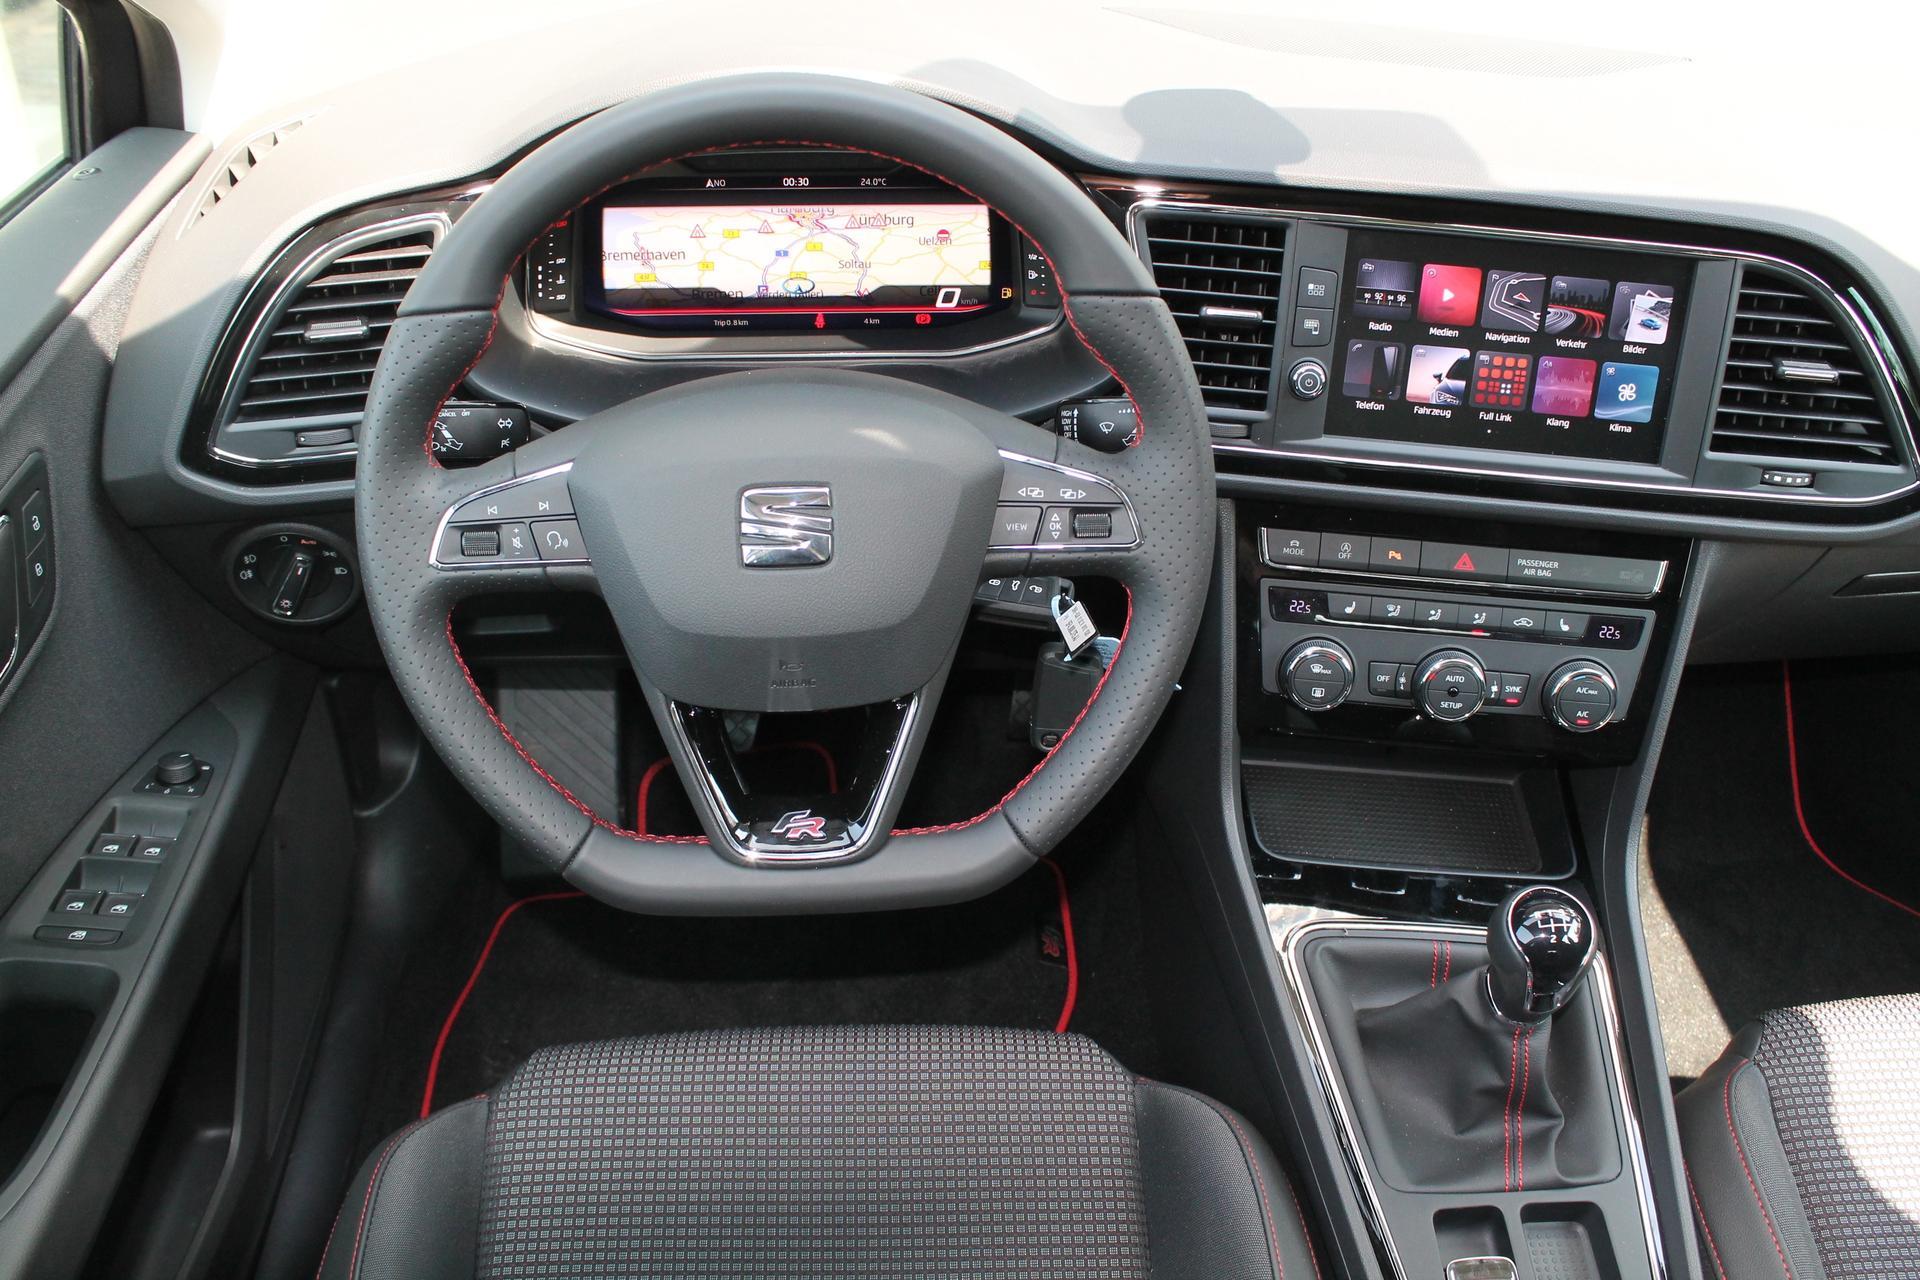 seat leon konfigurator reimport eu neuwagen g nstig kaufen mit rabatt. Black Bedroom Furniture Sets. Home Design Ideas